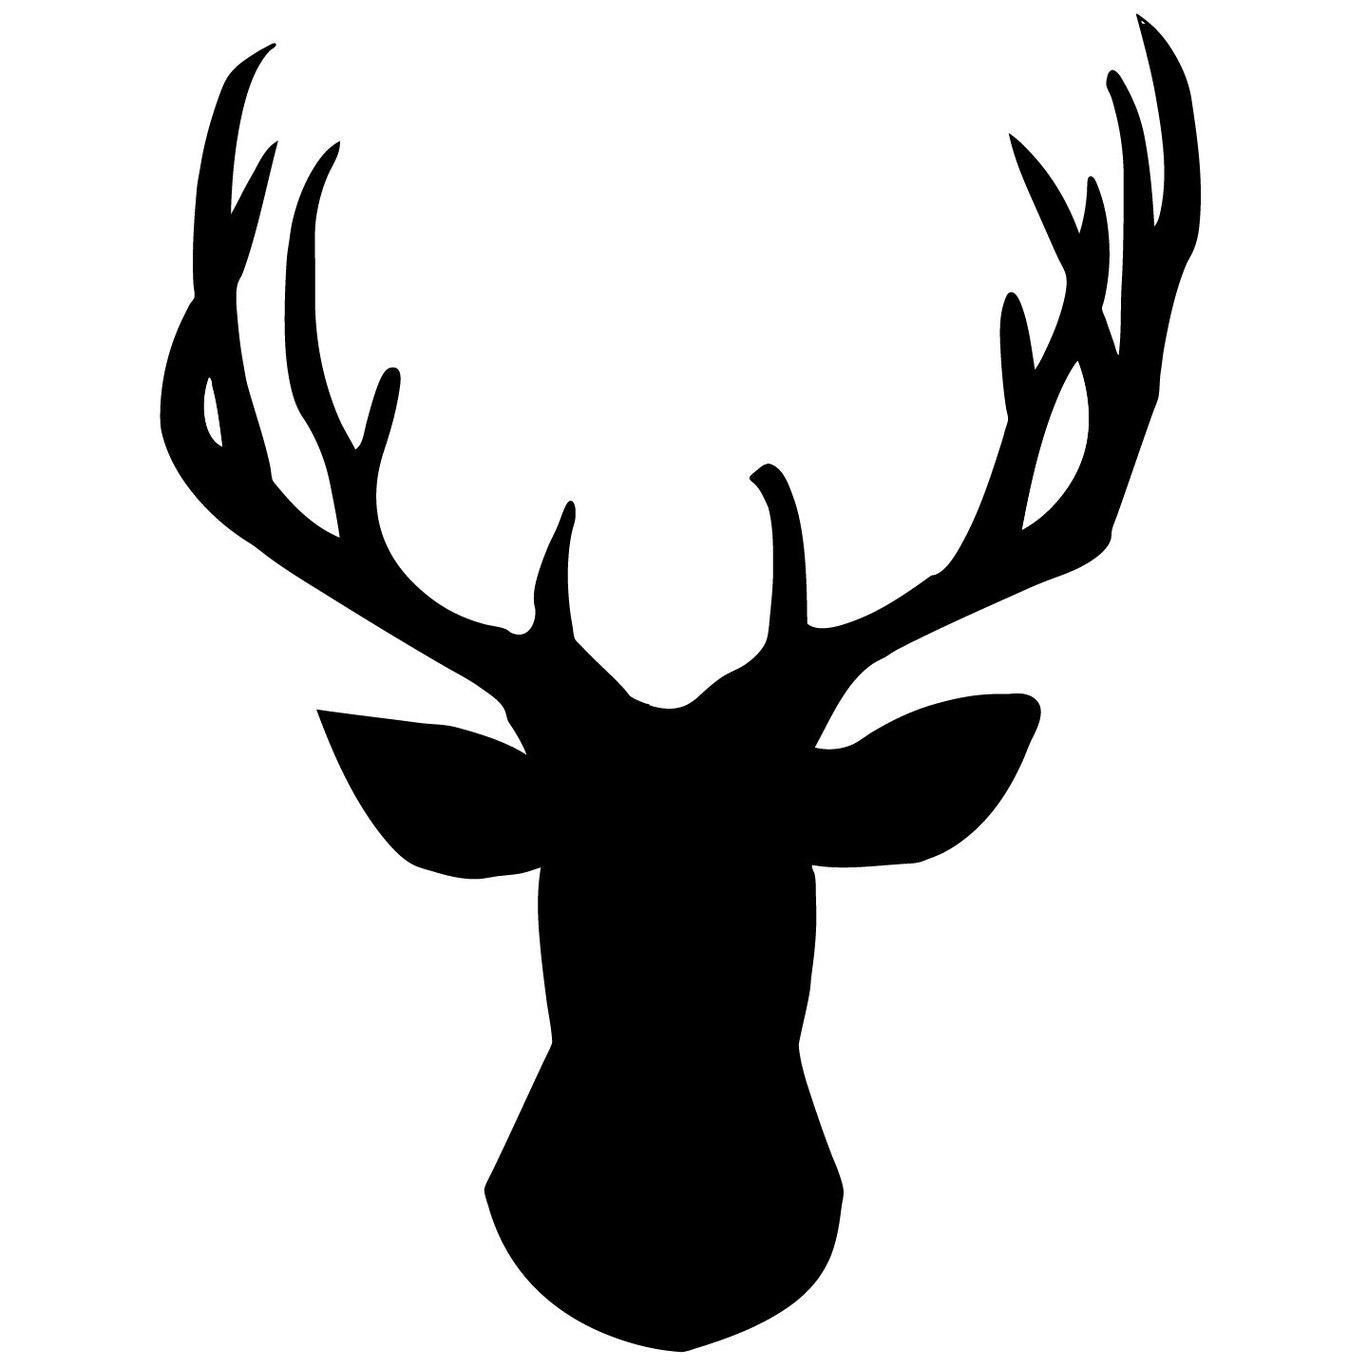 Deer Head Silhouette Vector .-Deer Head Silhouette Vector .-17